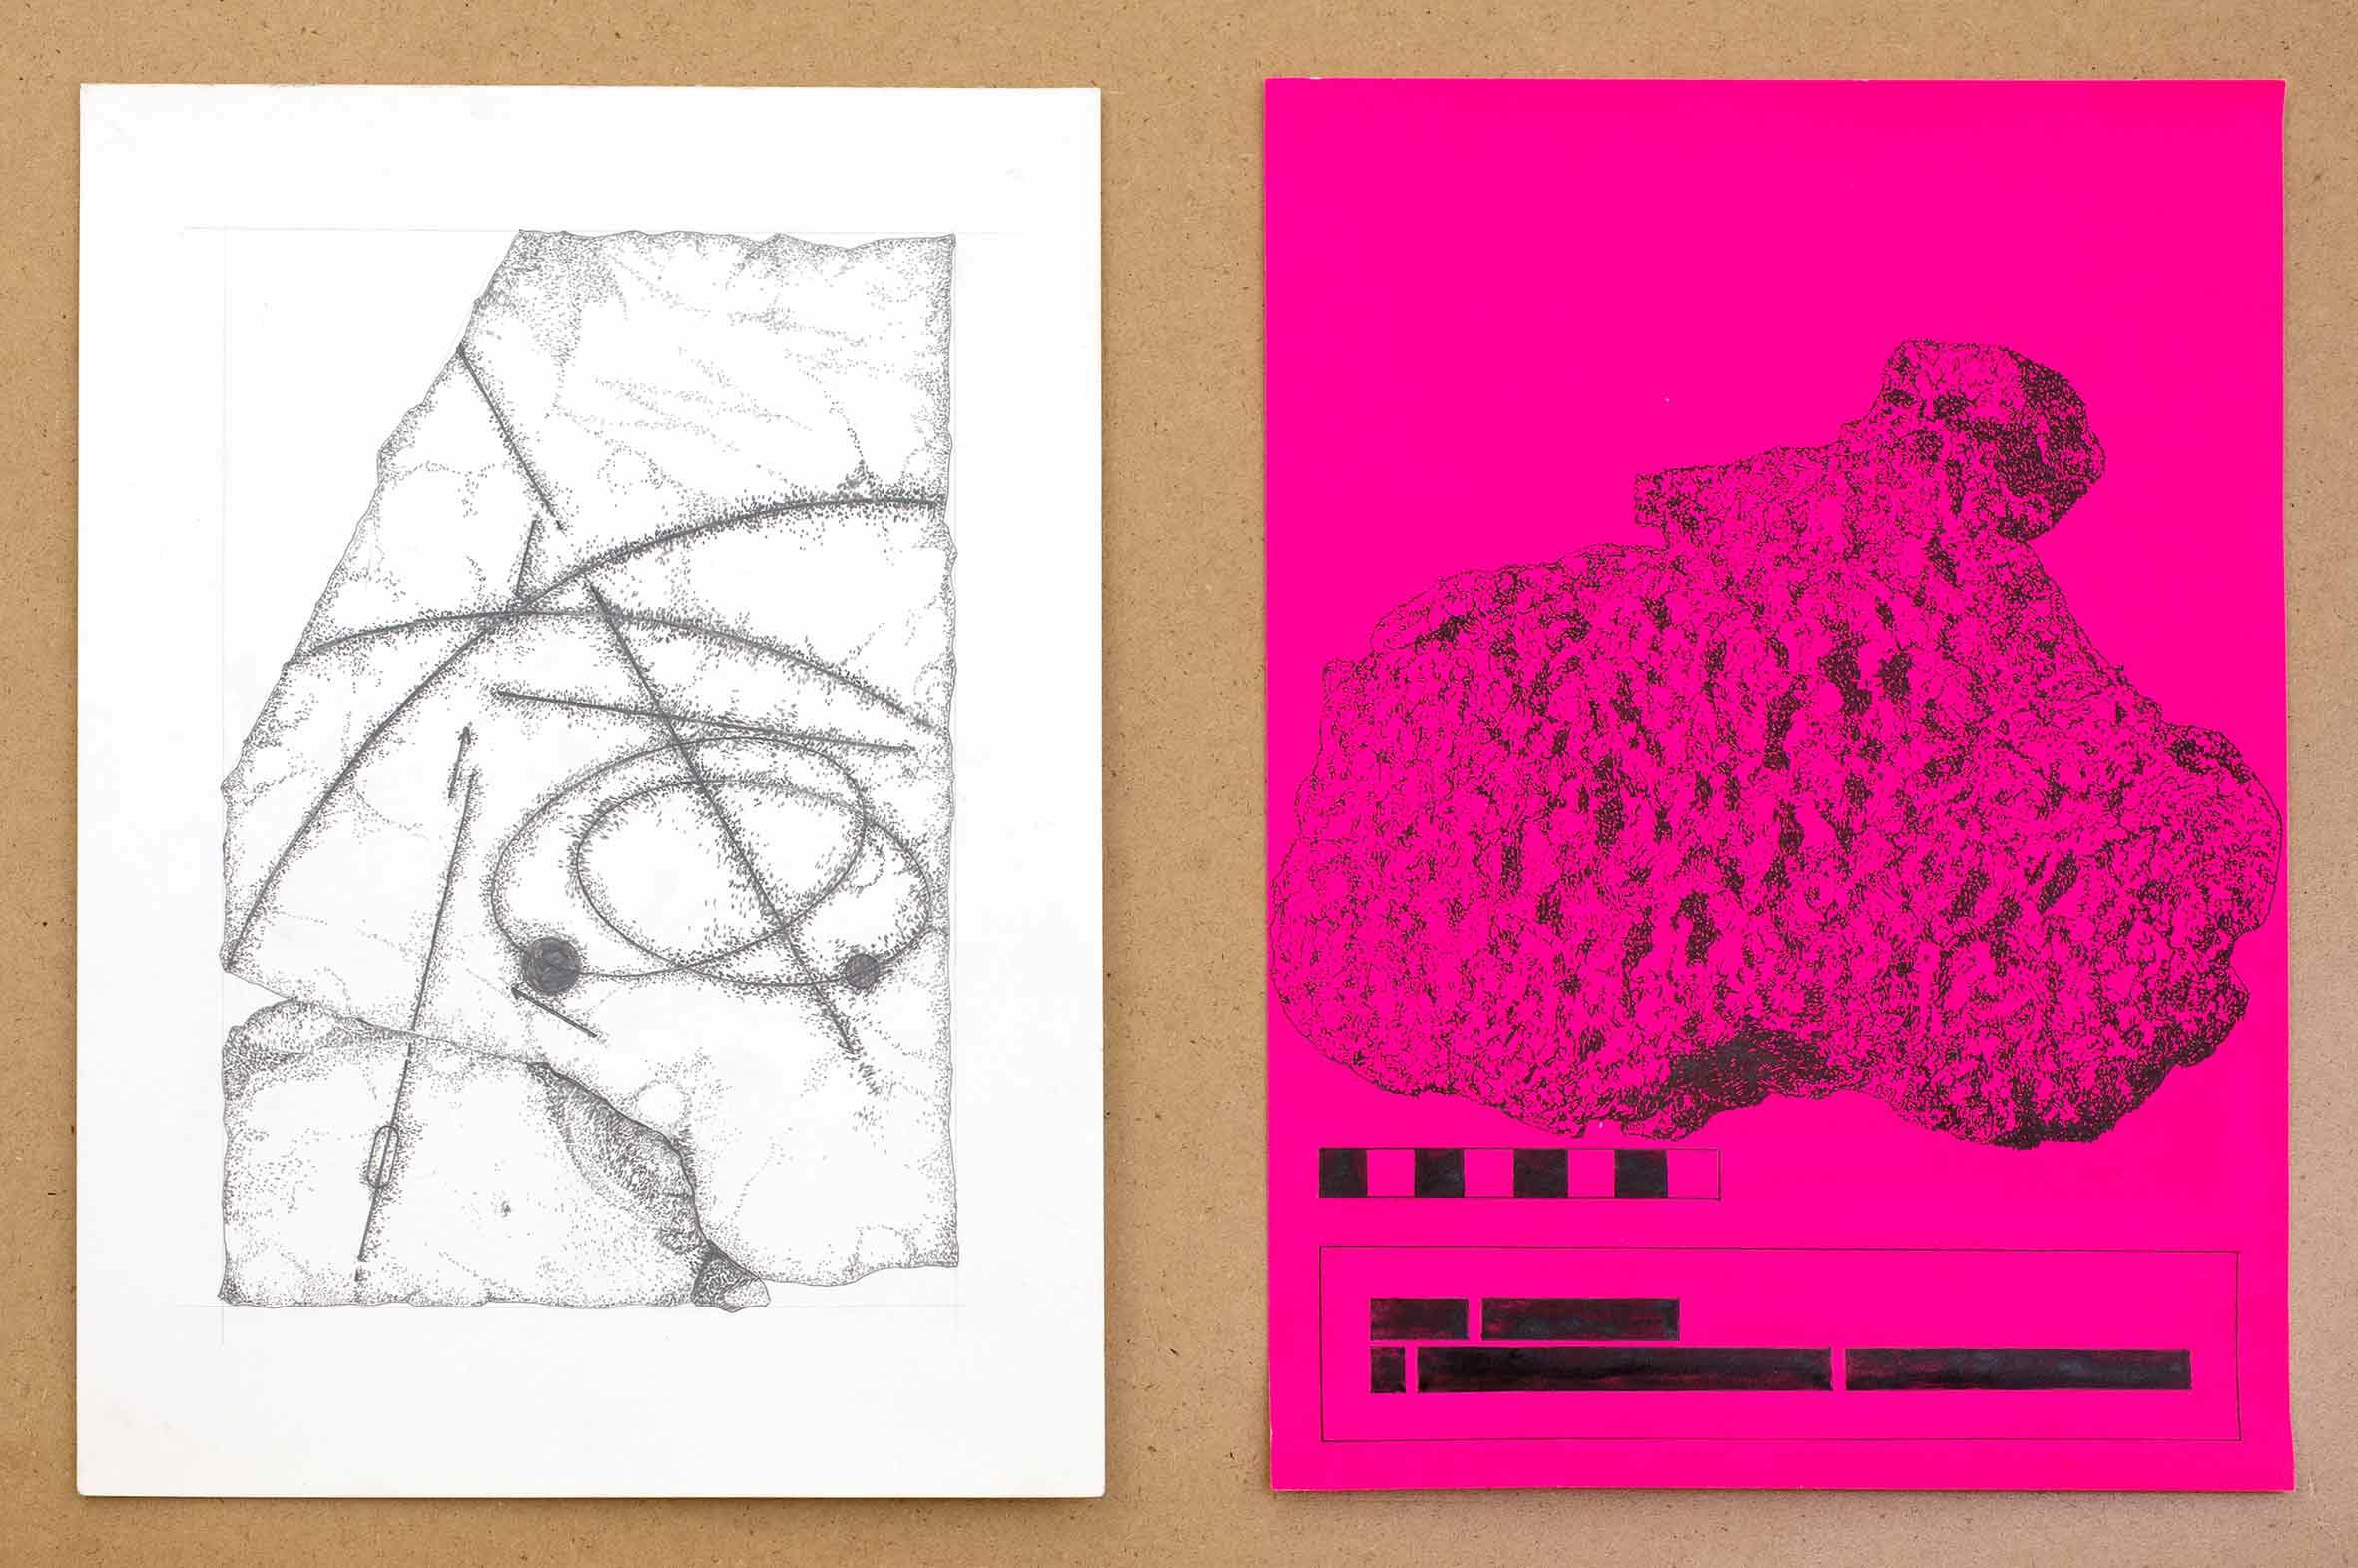 """Detailansicht """"in a dream of suns and moons"""", Tusche und Bleistift auf Papier, jeweils 30 x 21 cm (Foto: Krinzinger Projekte / Jasha Greenberg)"""